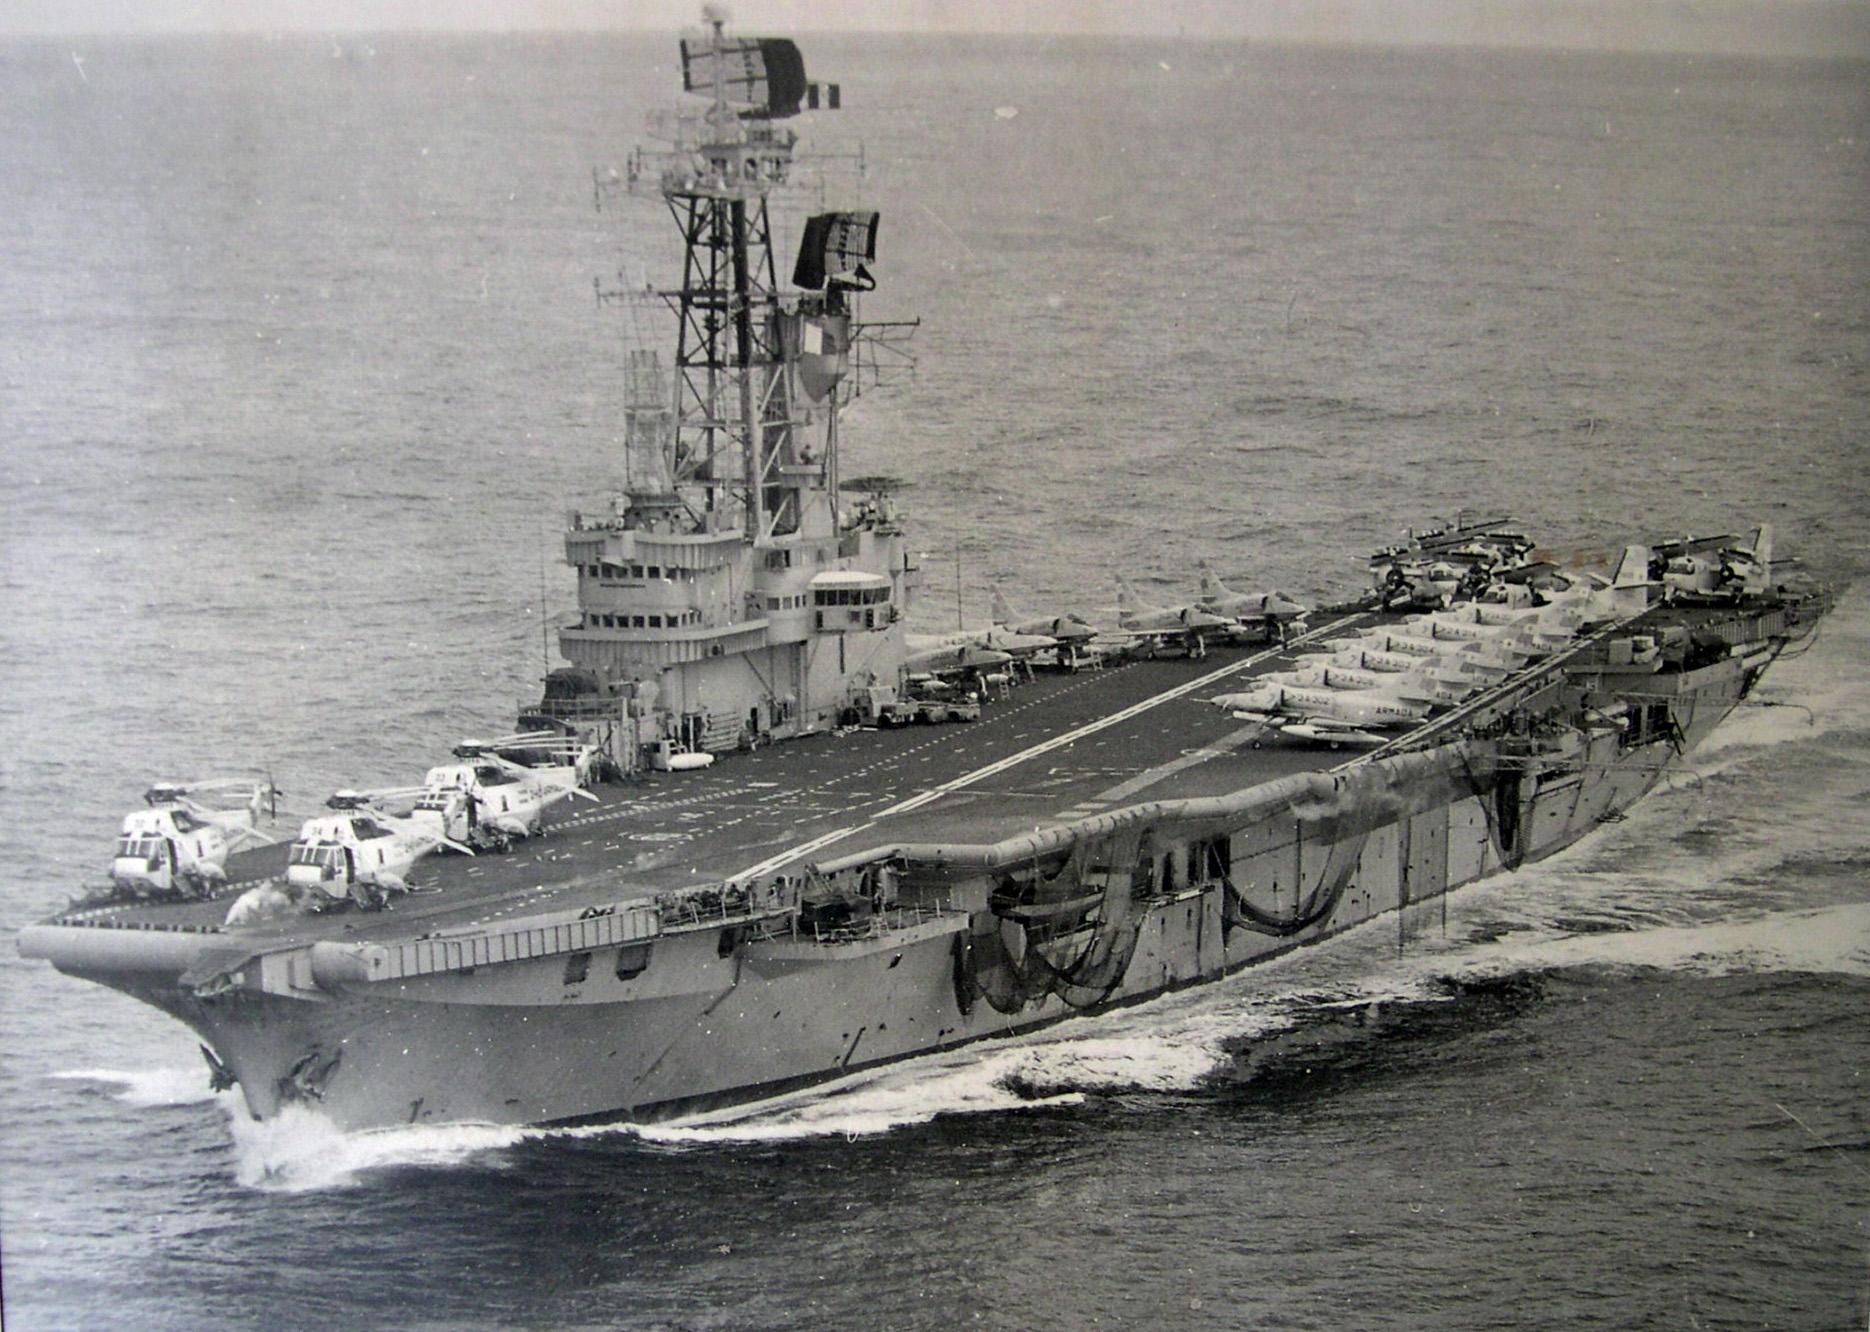 La historia del portaaviones argentino que fue vendido como chatarra